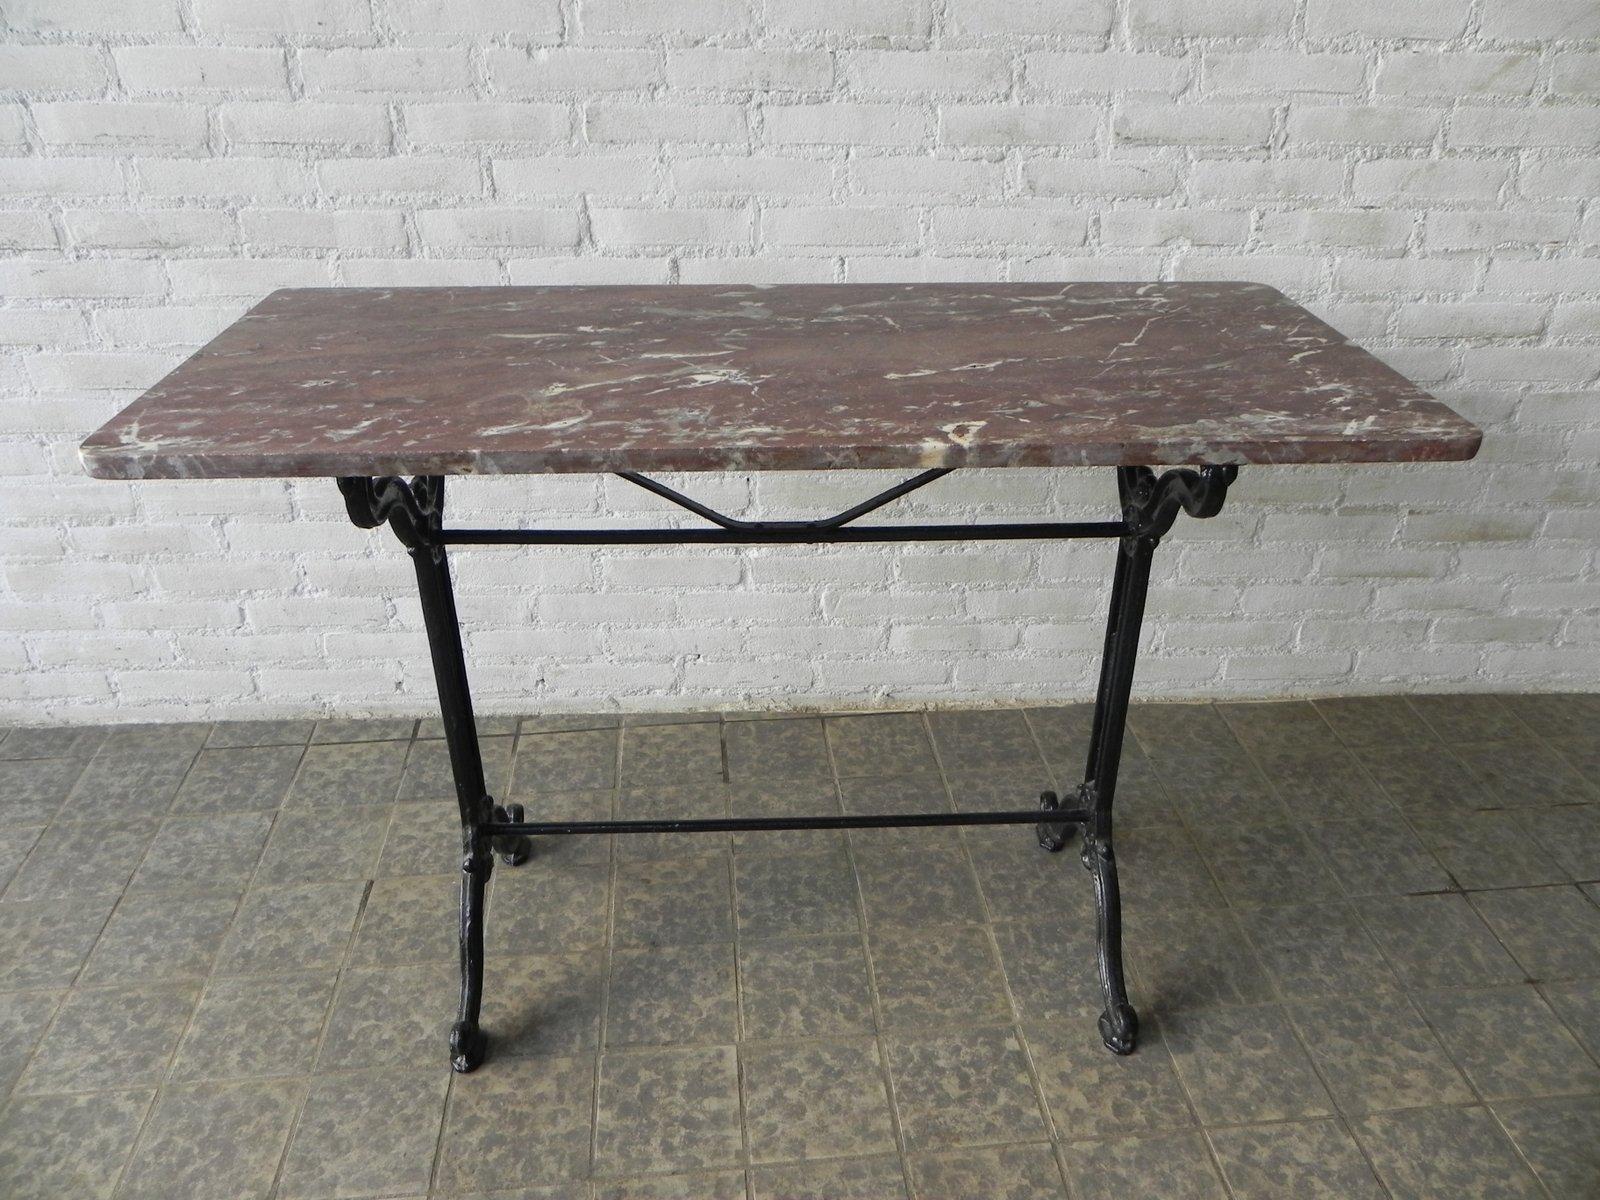 table-de-jardin-vintage-1 Incroyable De Pied Table Basse Inox Schème